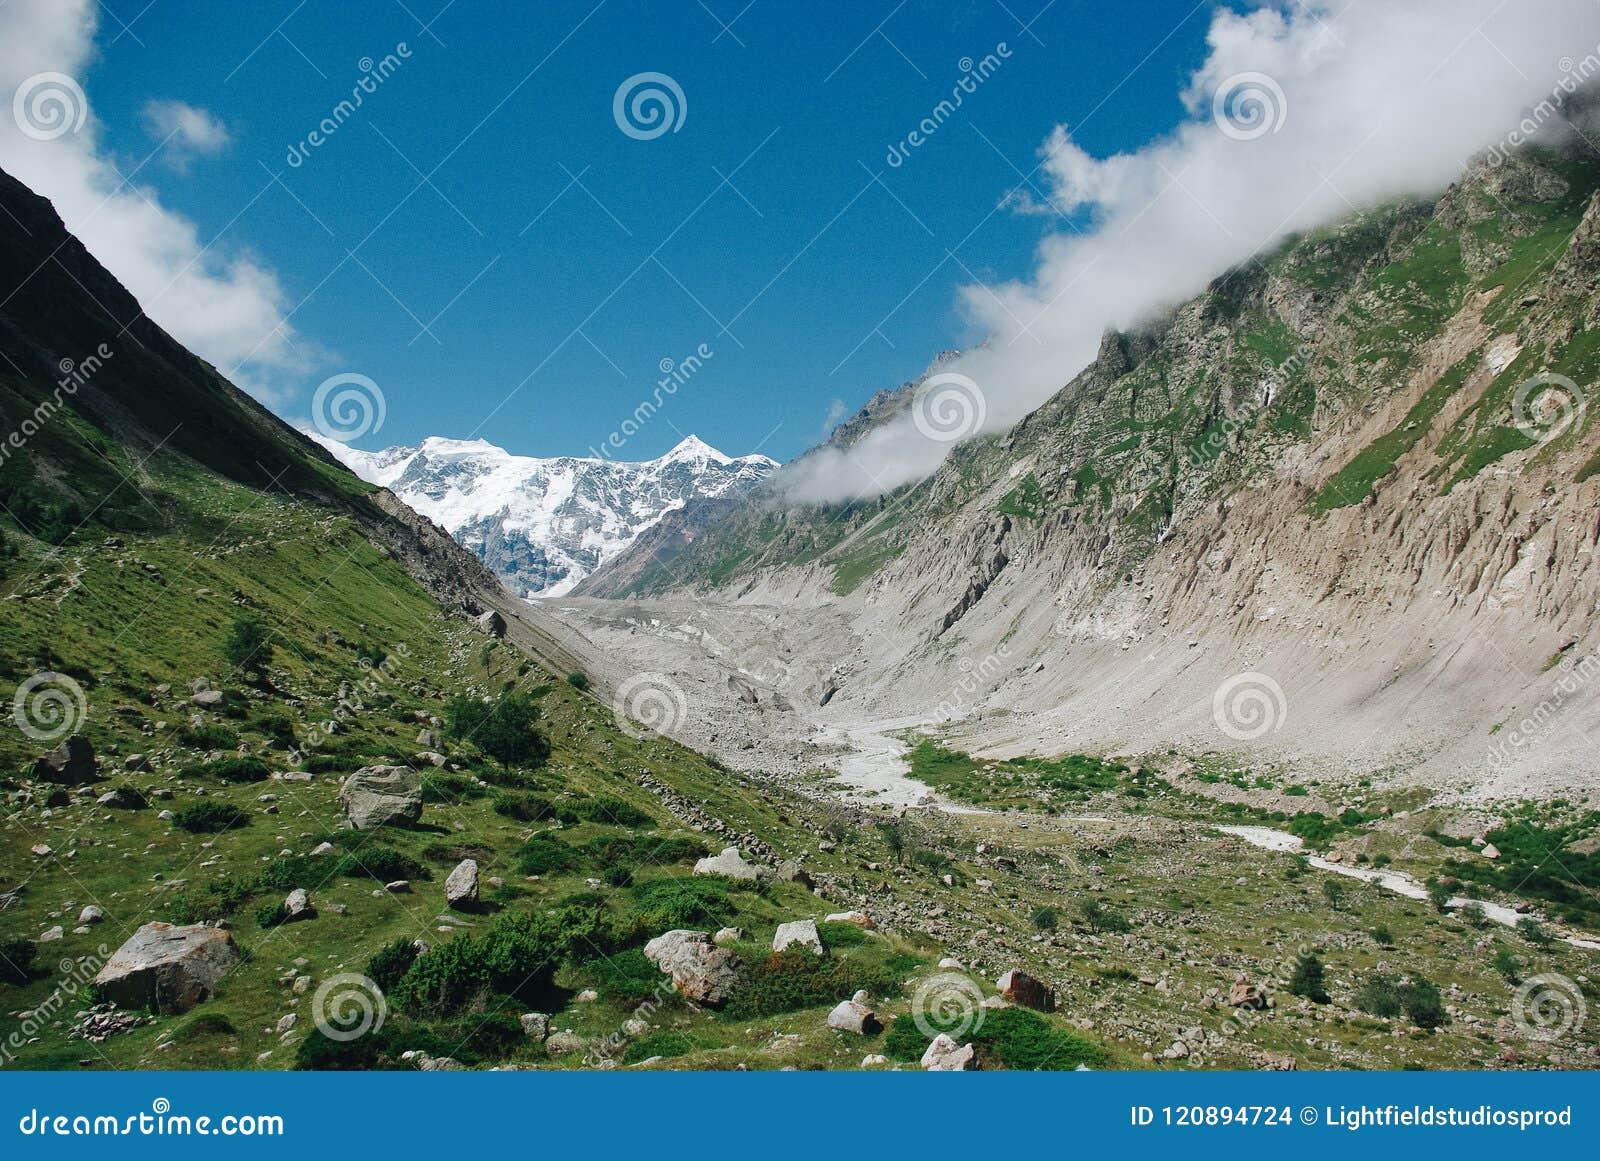 Beau ravin dans la région verte de montagnes, Fédération de Russie, Caucase,